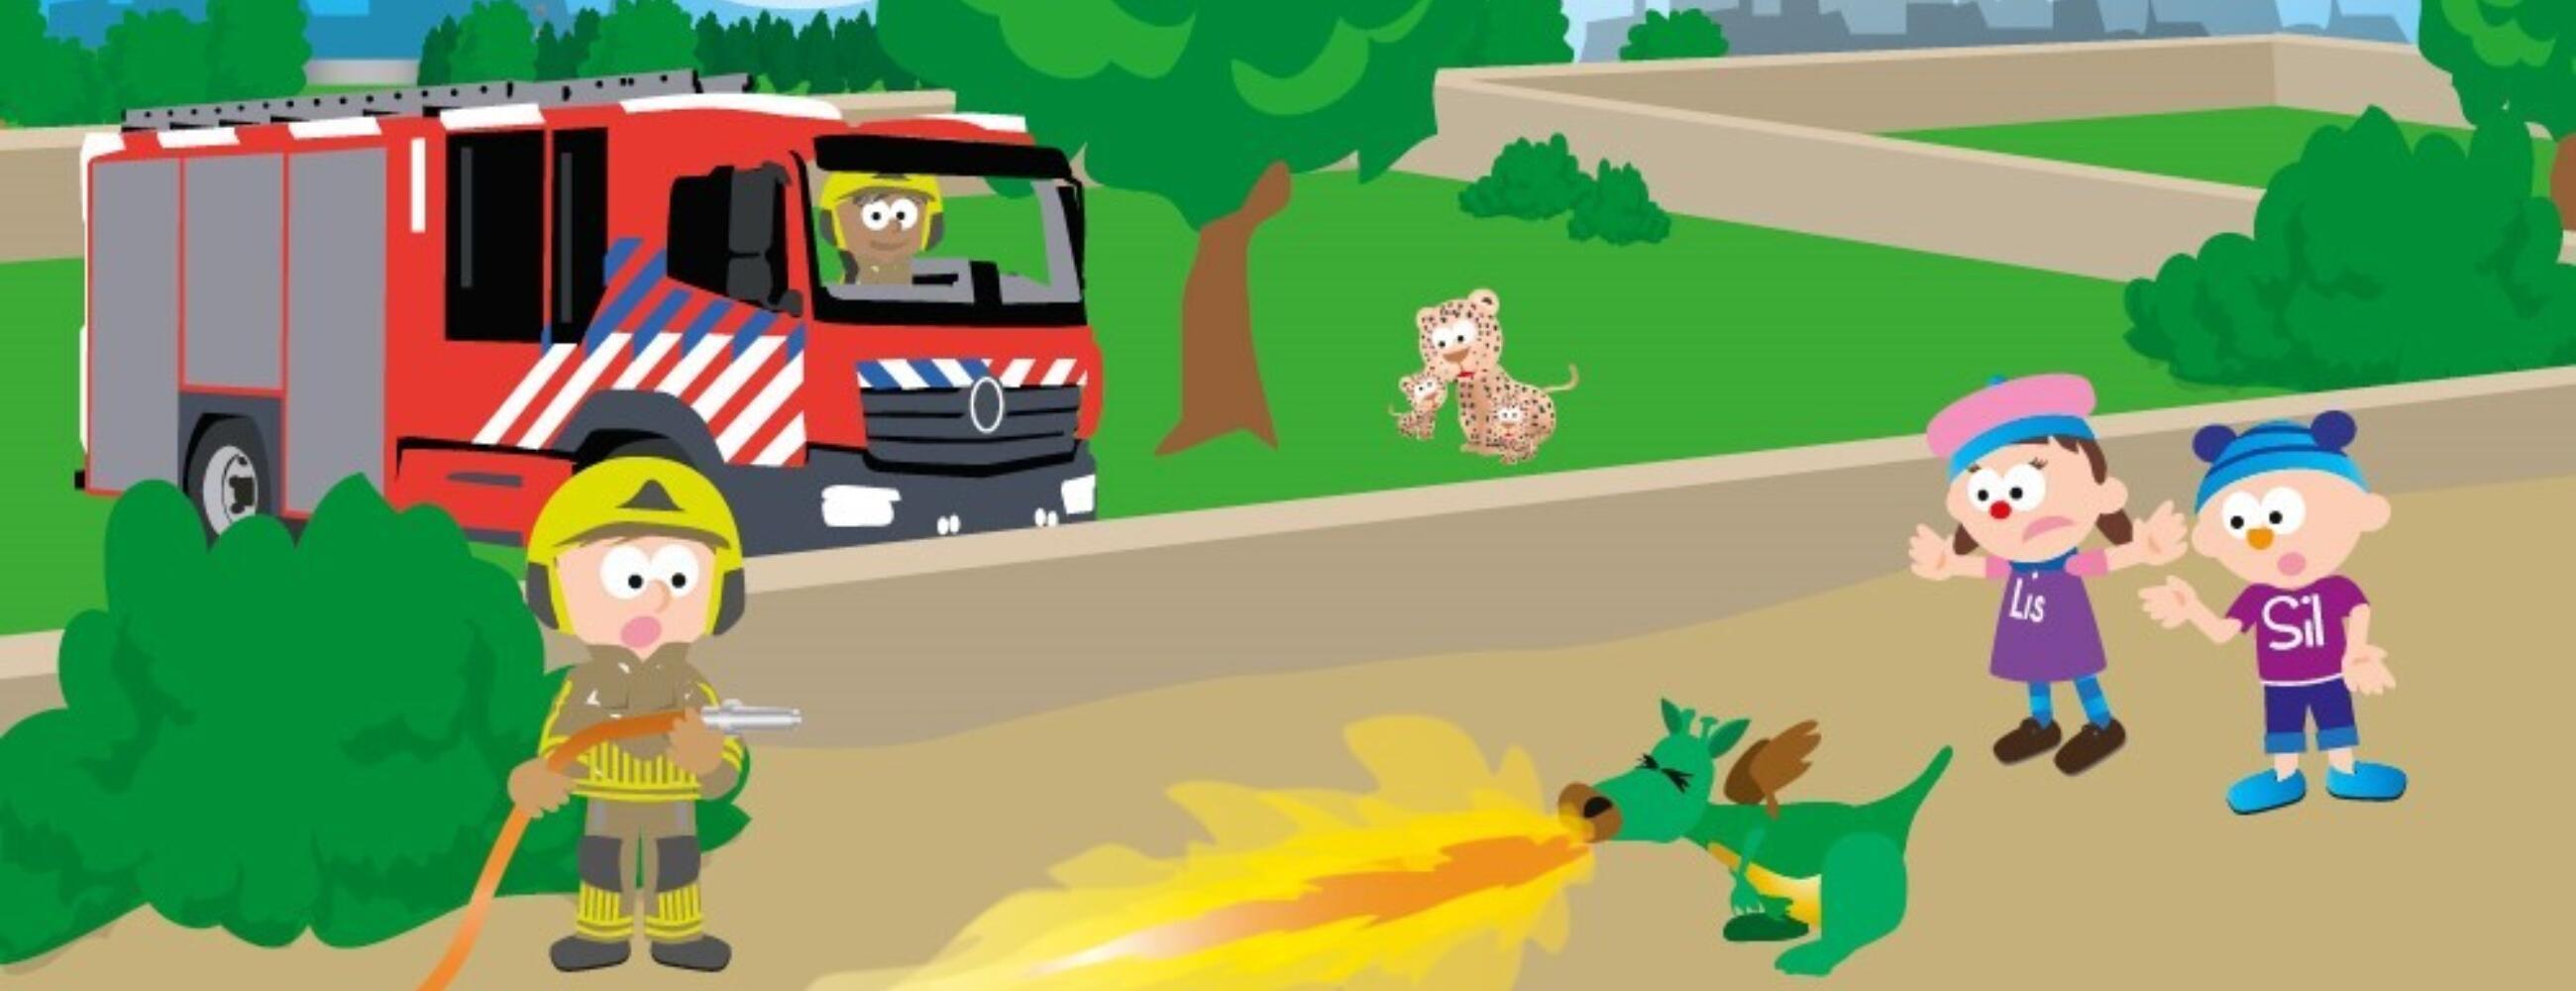 SIl-en-brandweer.jpg